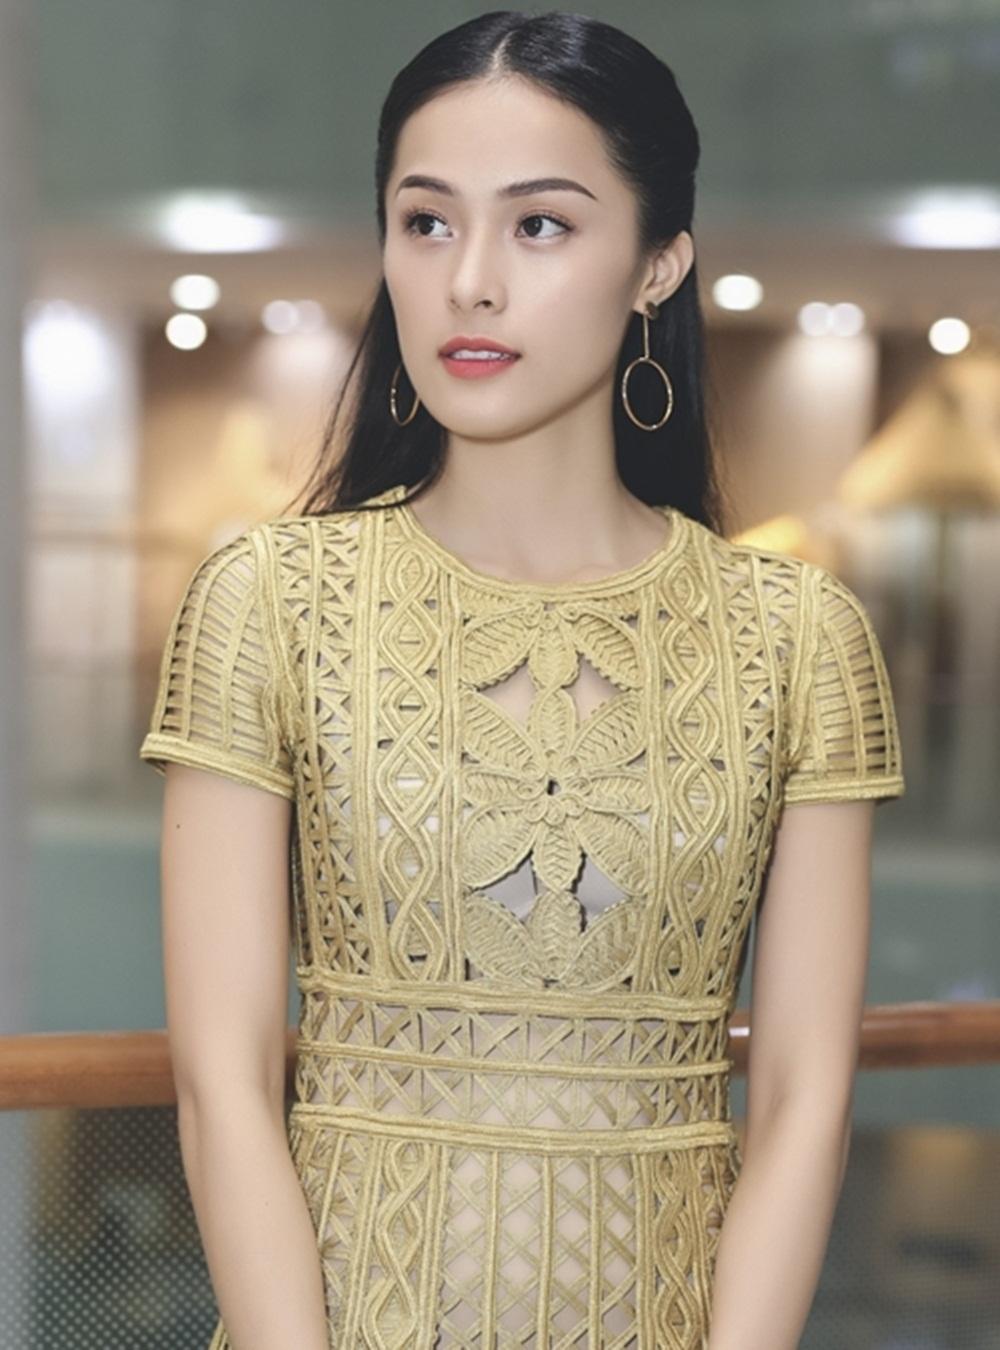 Trước đó, Hạ Vi cũng có chuyến ra Hà Nội giao lưu với khán giả Thủ đô. Cô chia sẻ, khán giả Hà Nội khá khó tính nên cô rất lo lắng, tuy nhiên sau khi phim chiếu xong, nhiều lời khen ngợi và góp ý thẳng thắn cô mới cảm thấy nhẹ lòng.